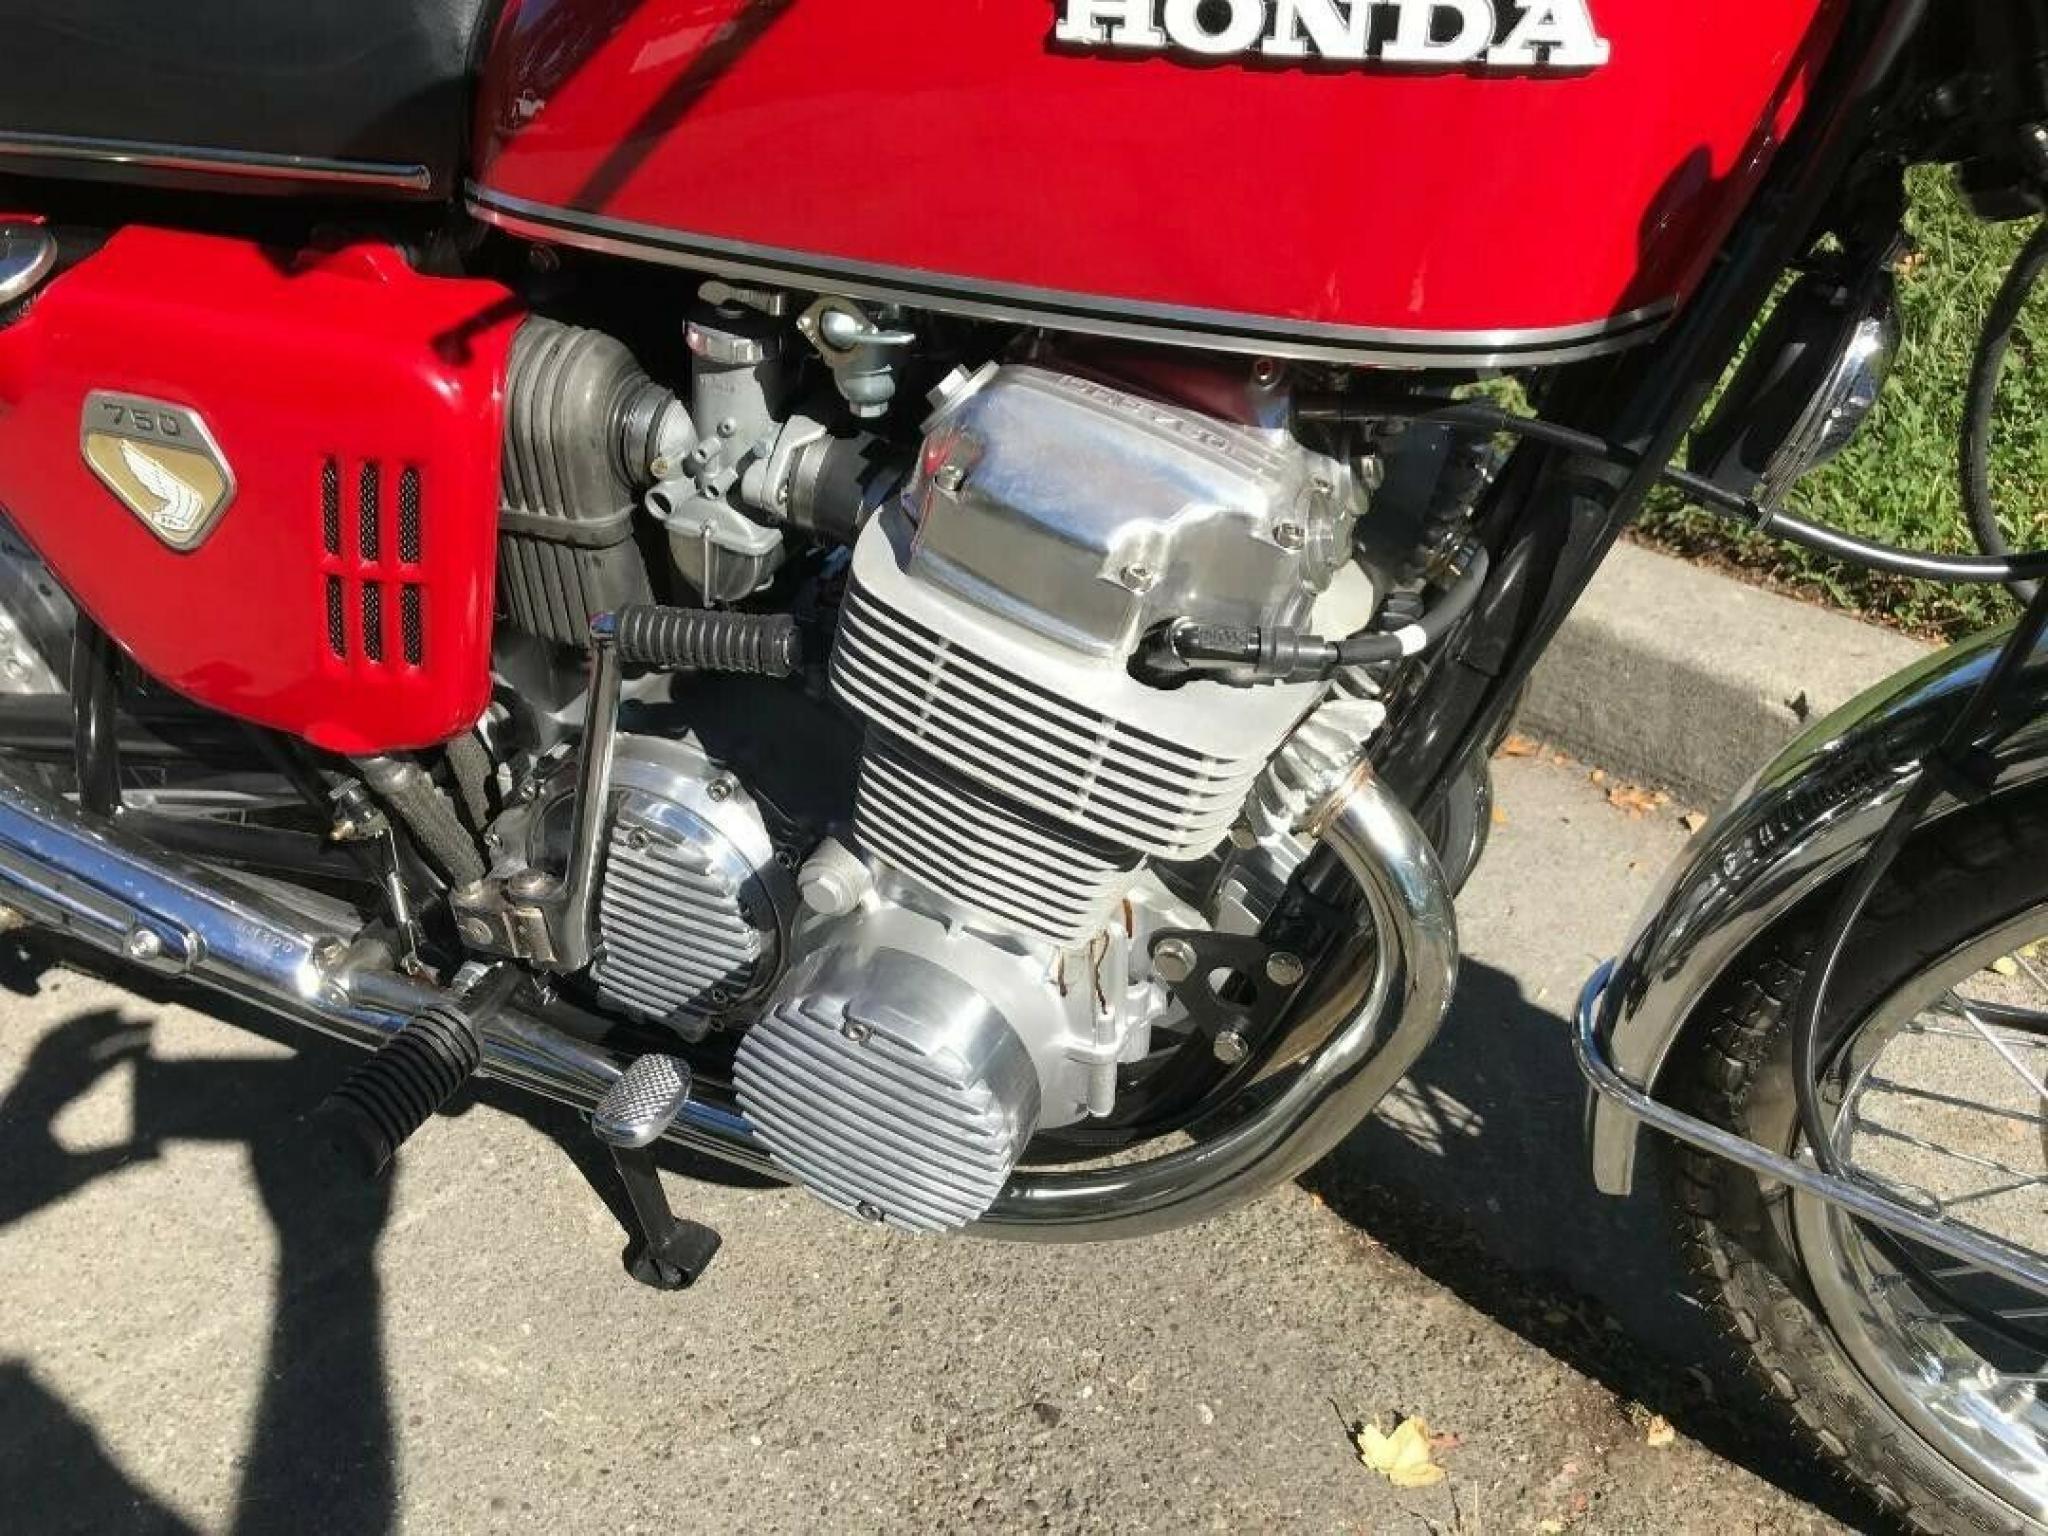 ホンダ 1970 HONDA CB 750 Four 車体写真3